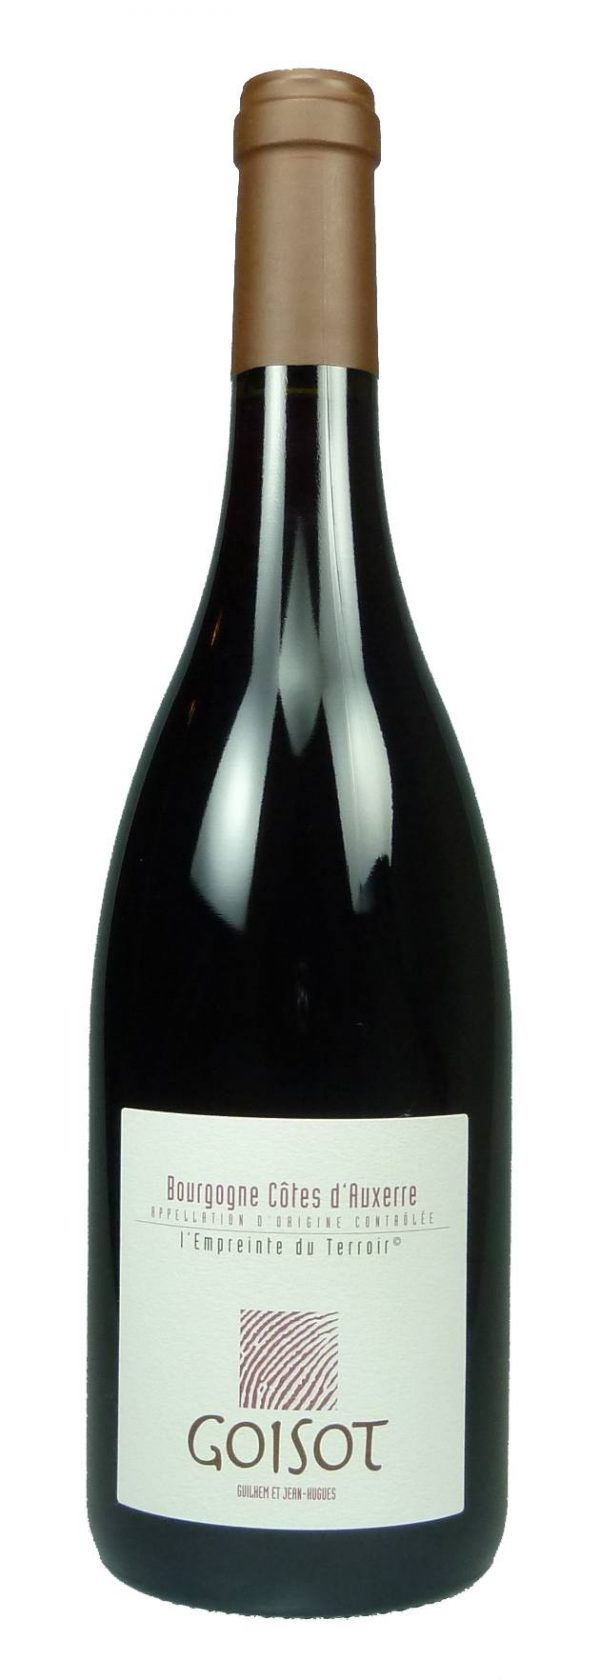 Bourgogne Côtes d'Auxerre Pinot Noir 2015